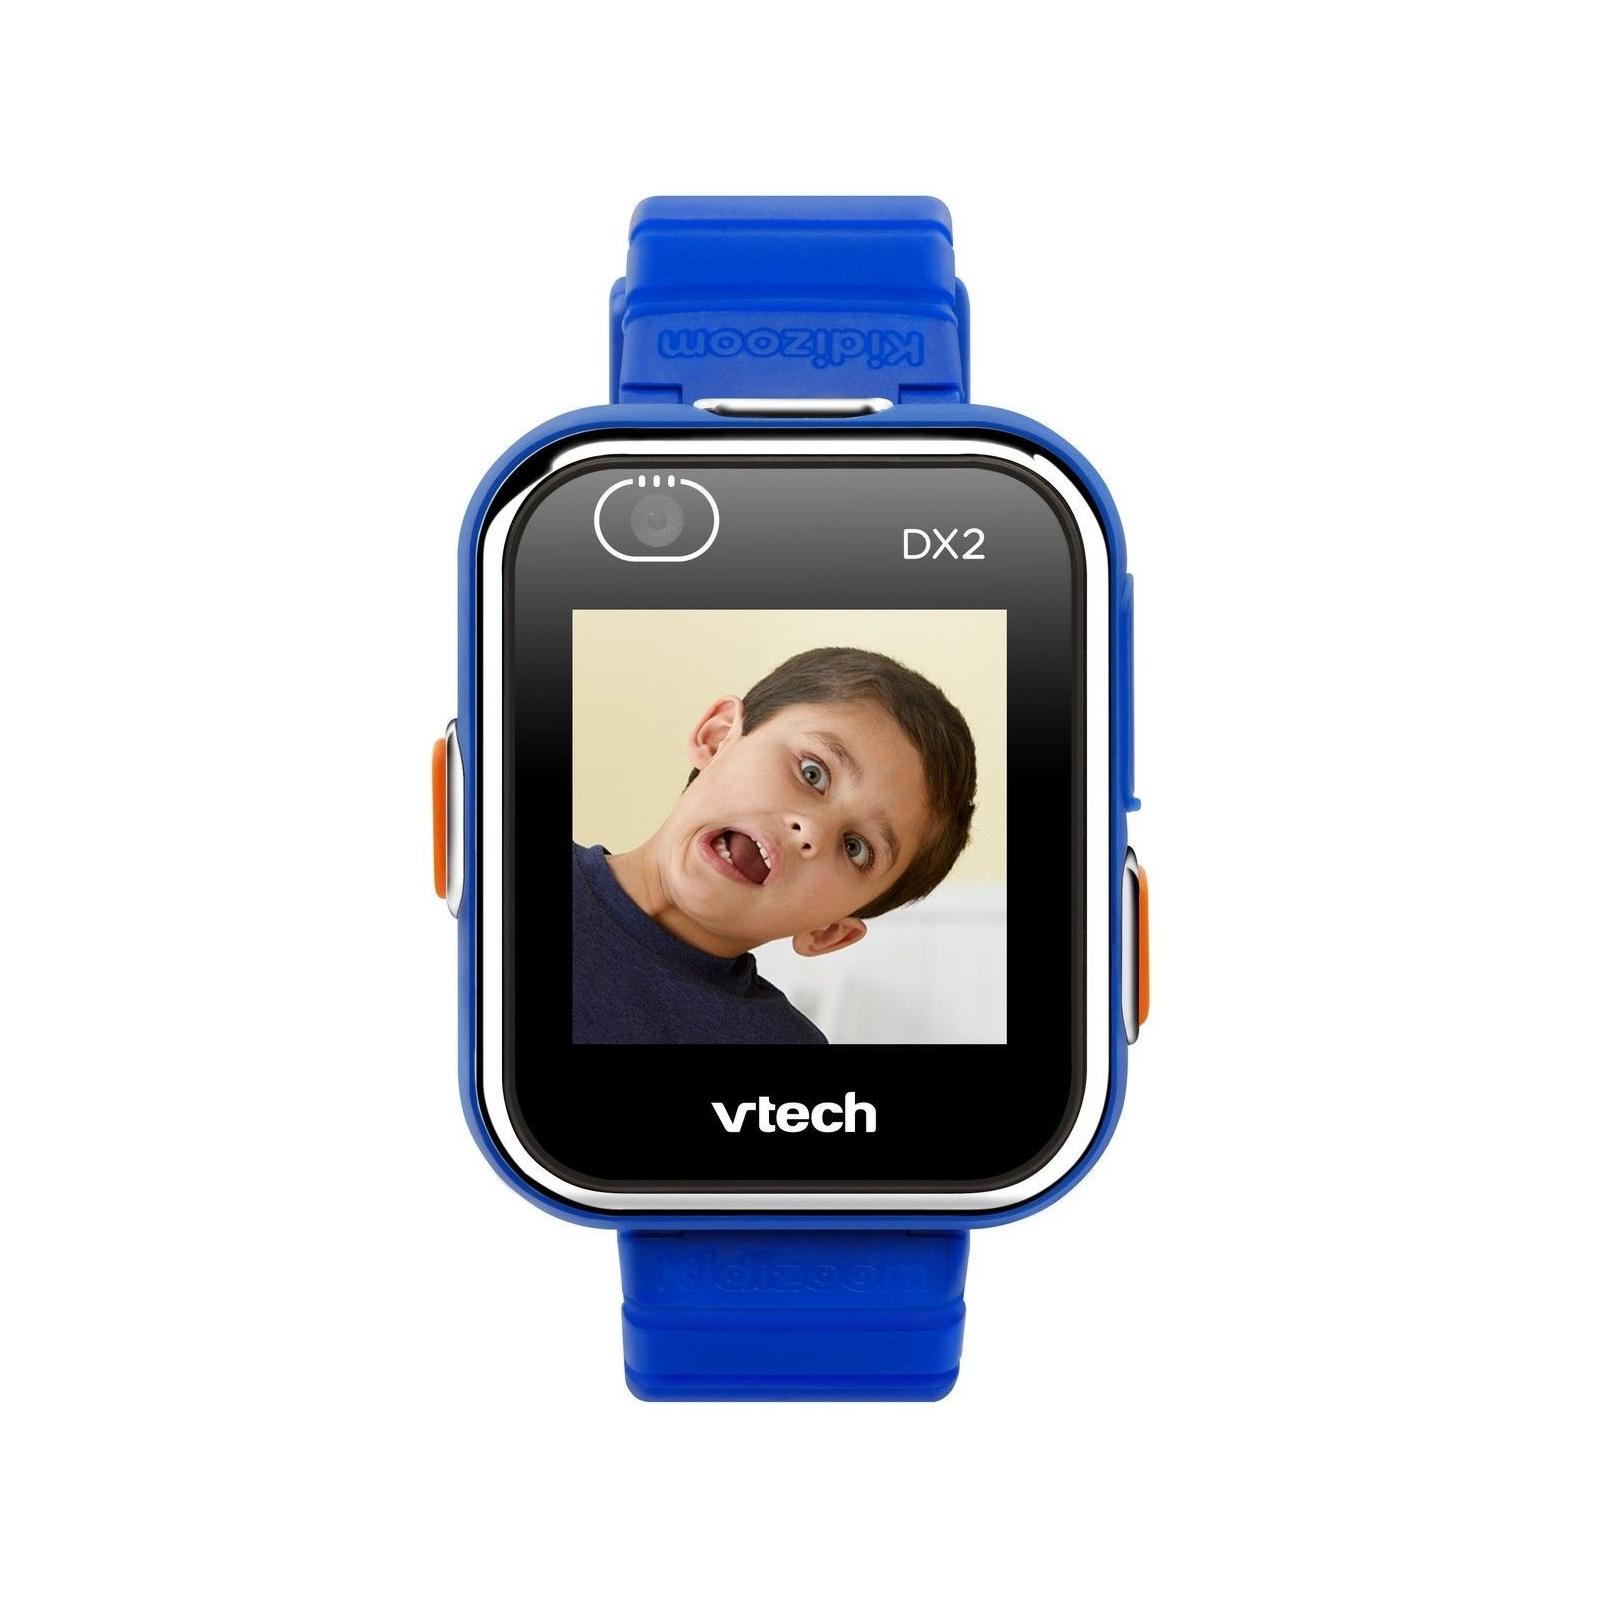 Интерактивная игрушка VTech Детские смарт-часы Kidizoom Smart Watch Dx2 Blue (80-193803) изображение 2